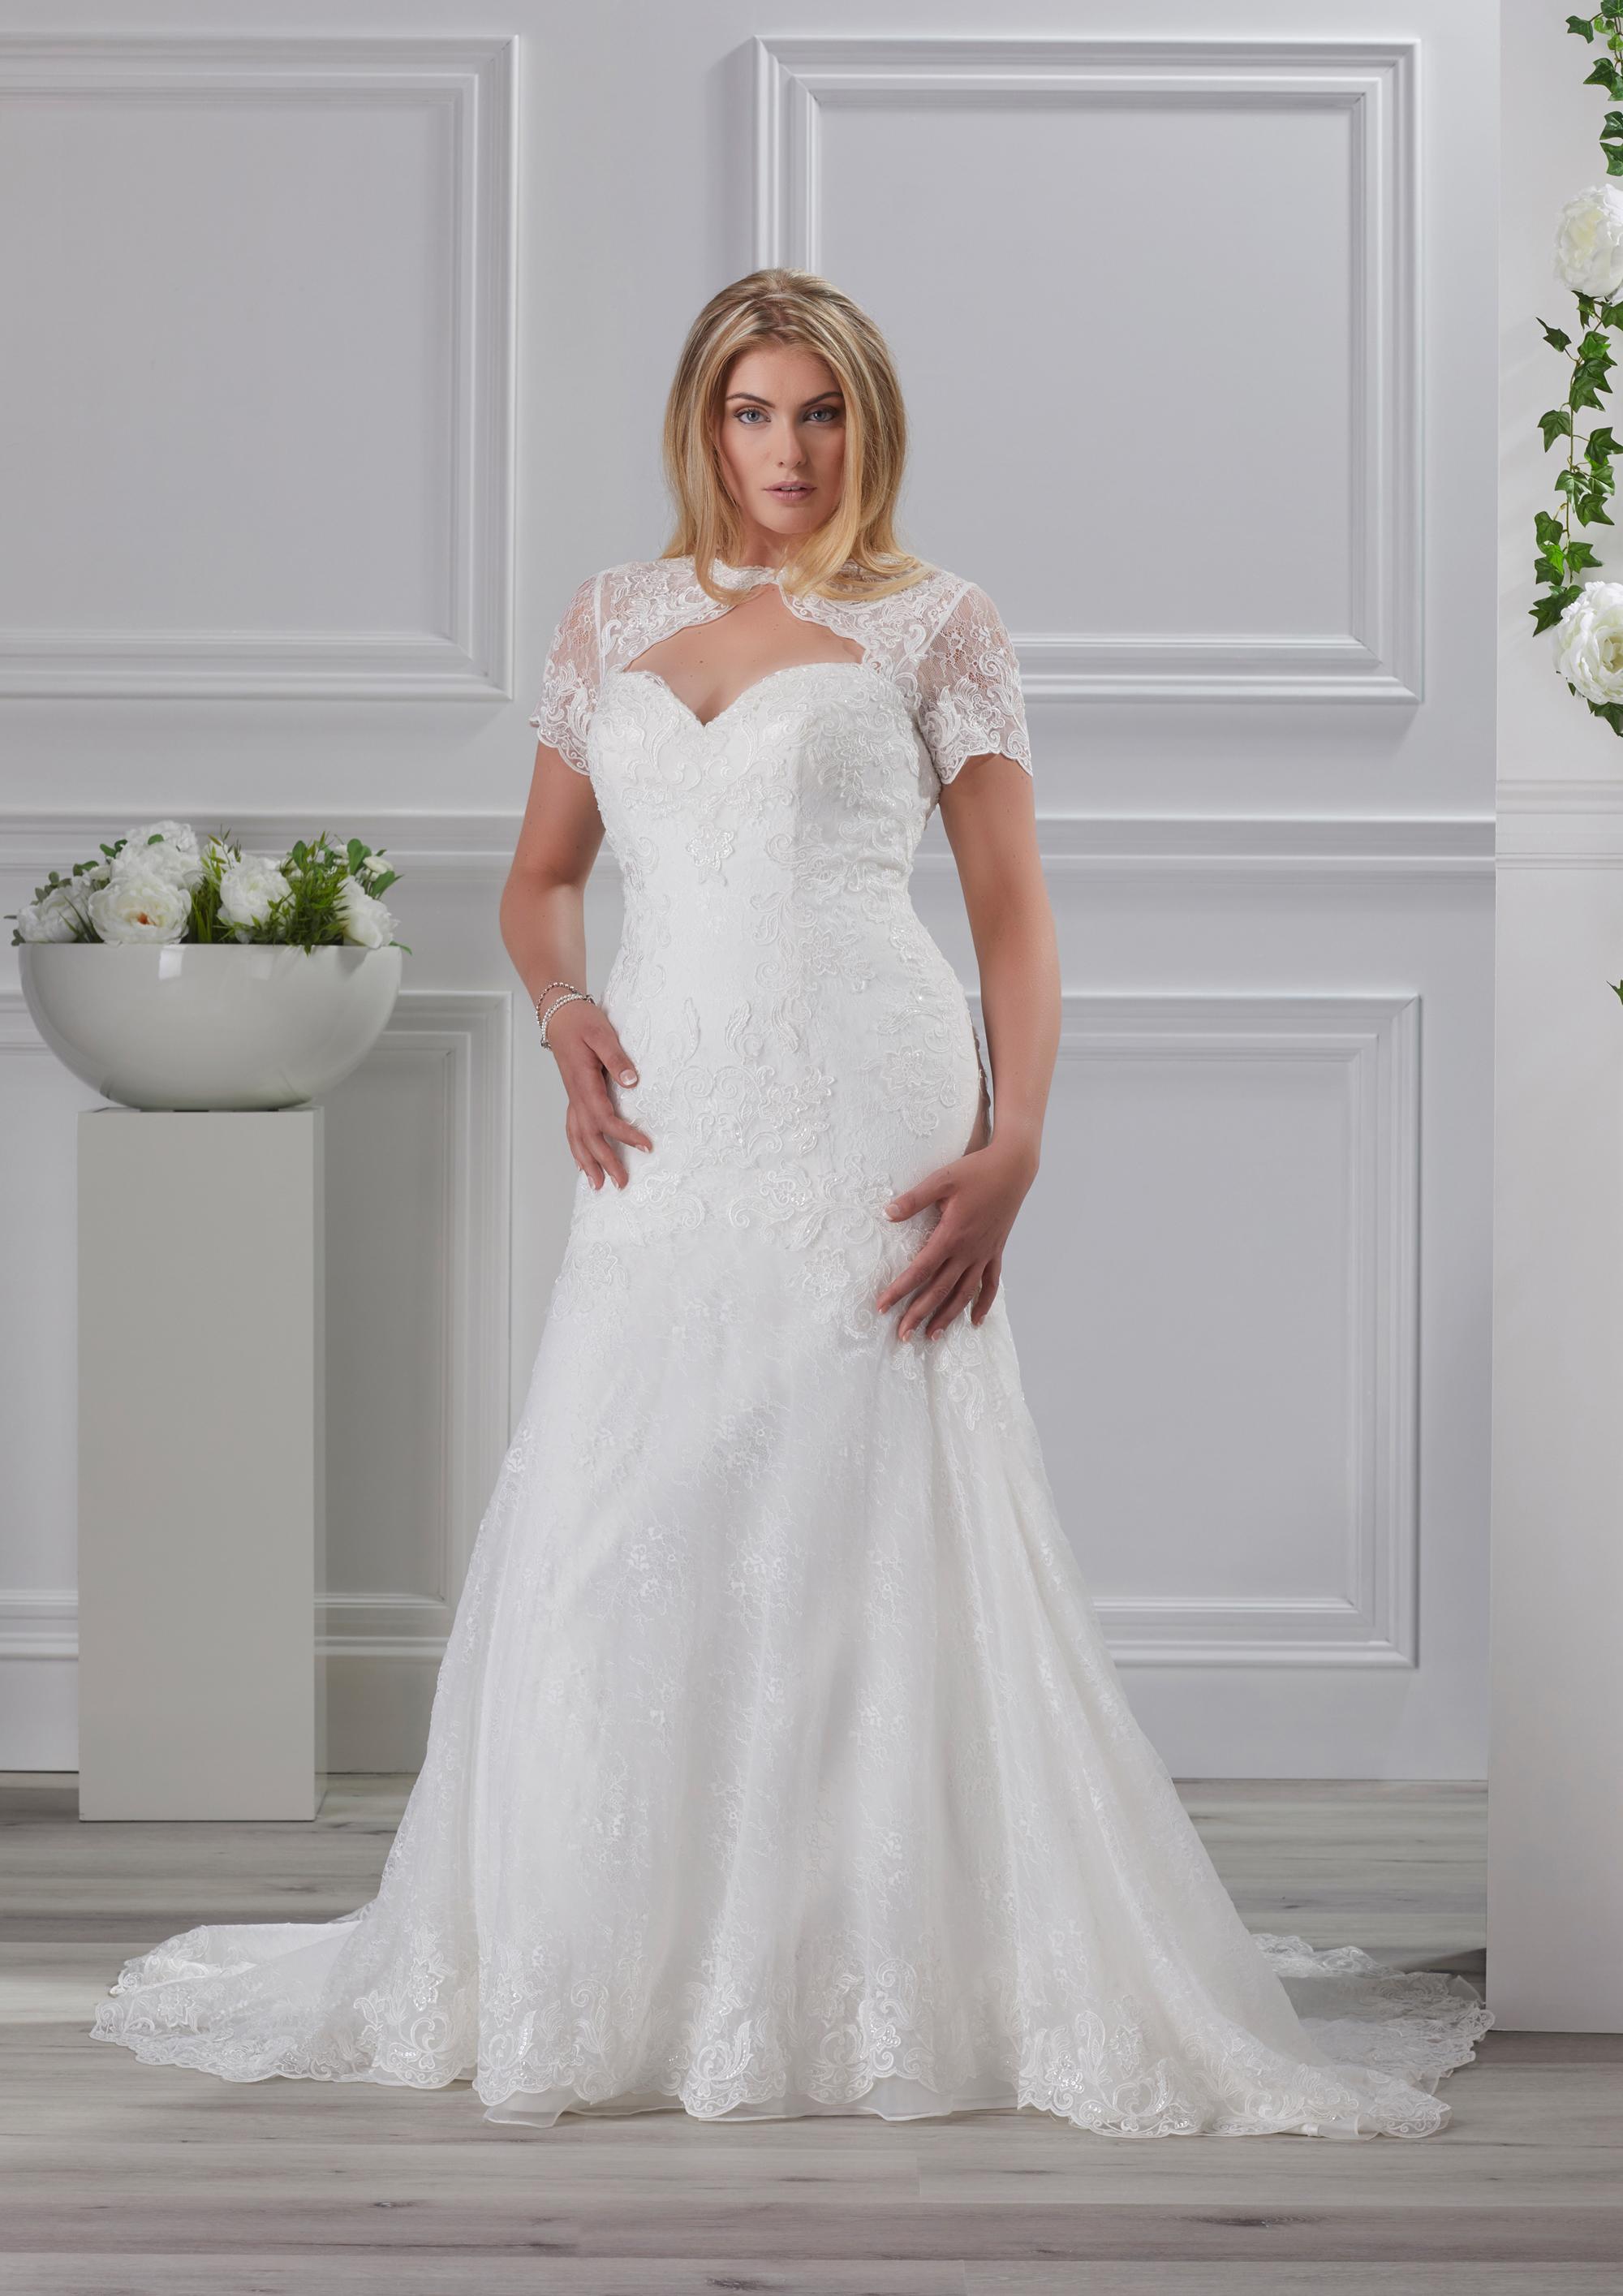 Das Très Chic Brautkleid 2018 - Heiraten & Hochzeit